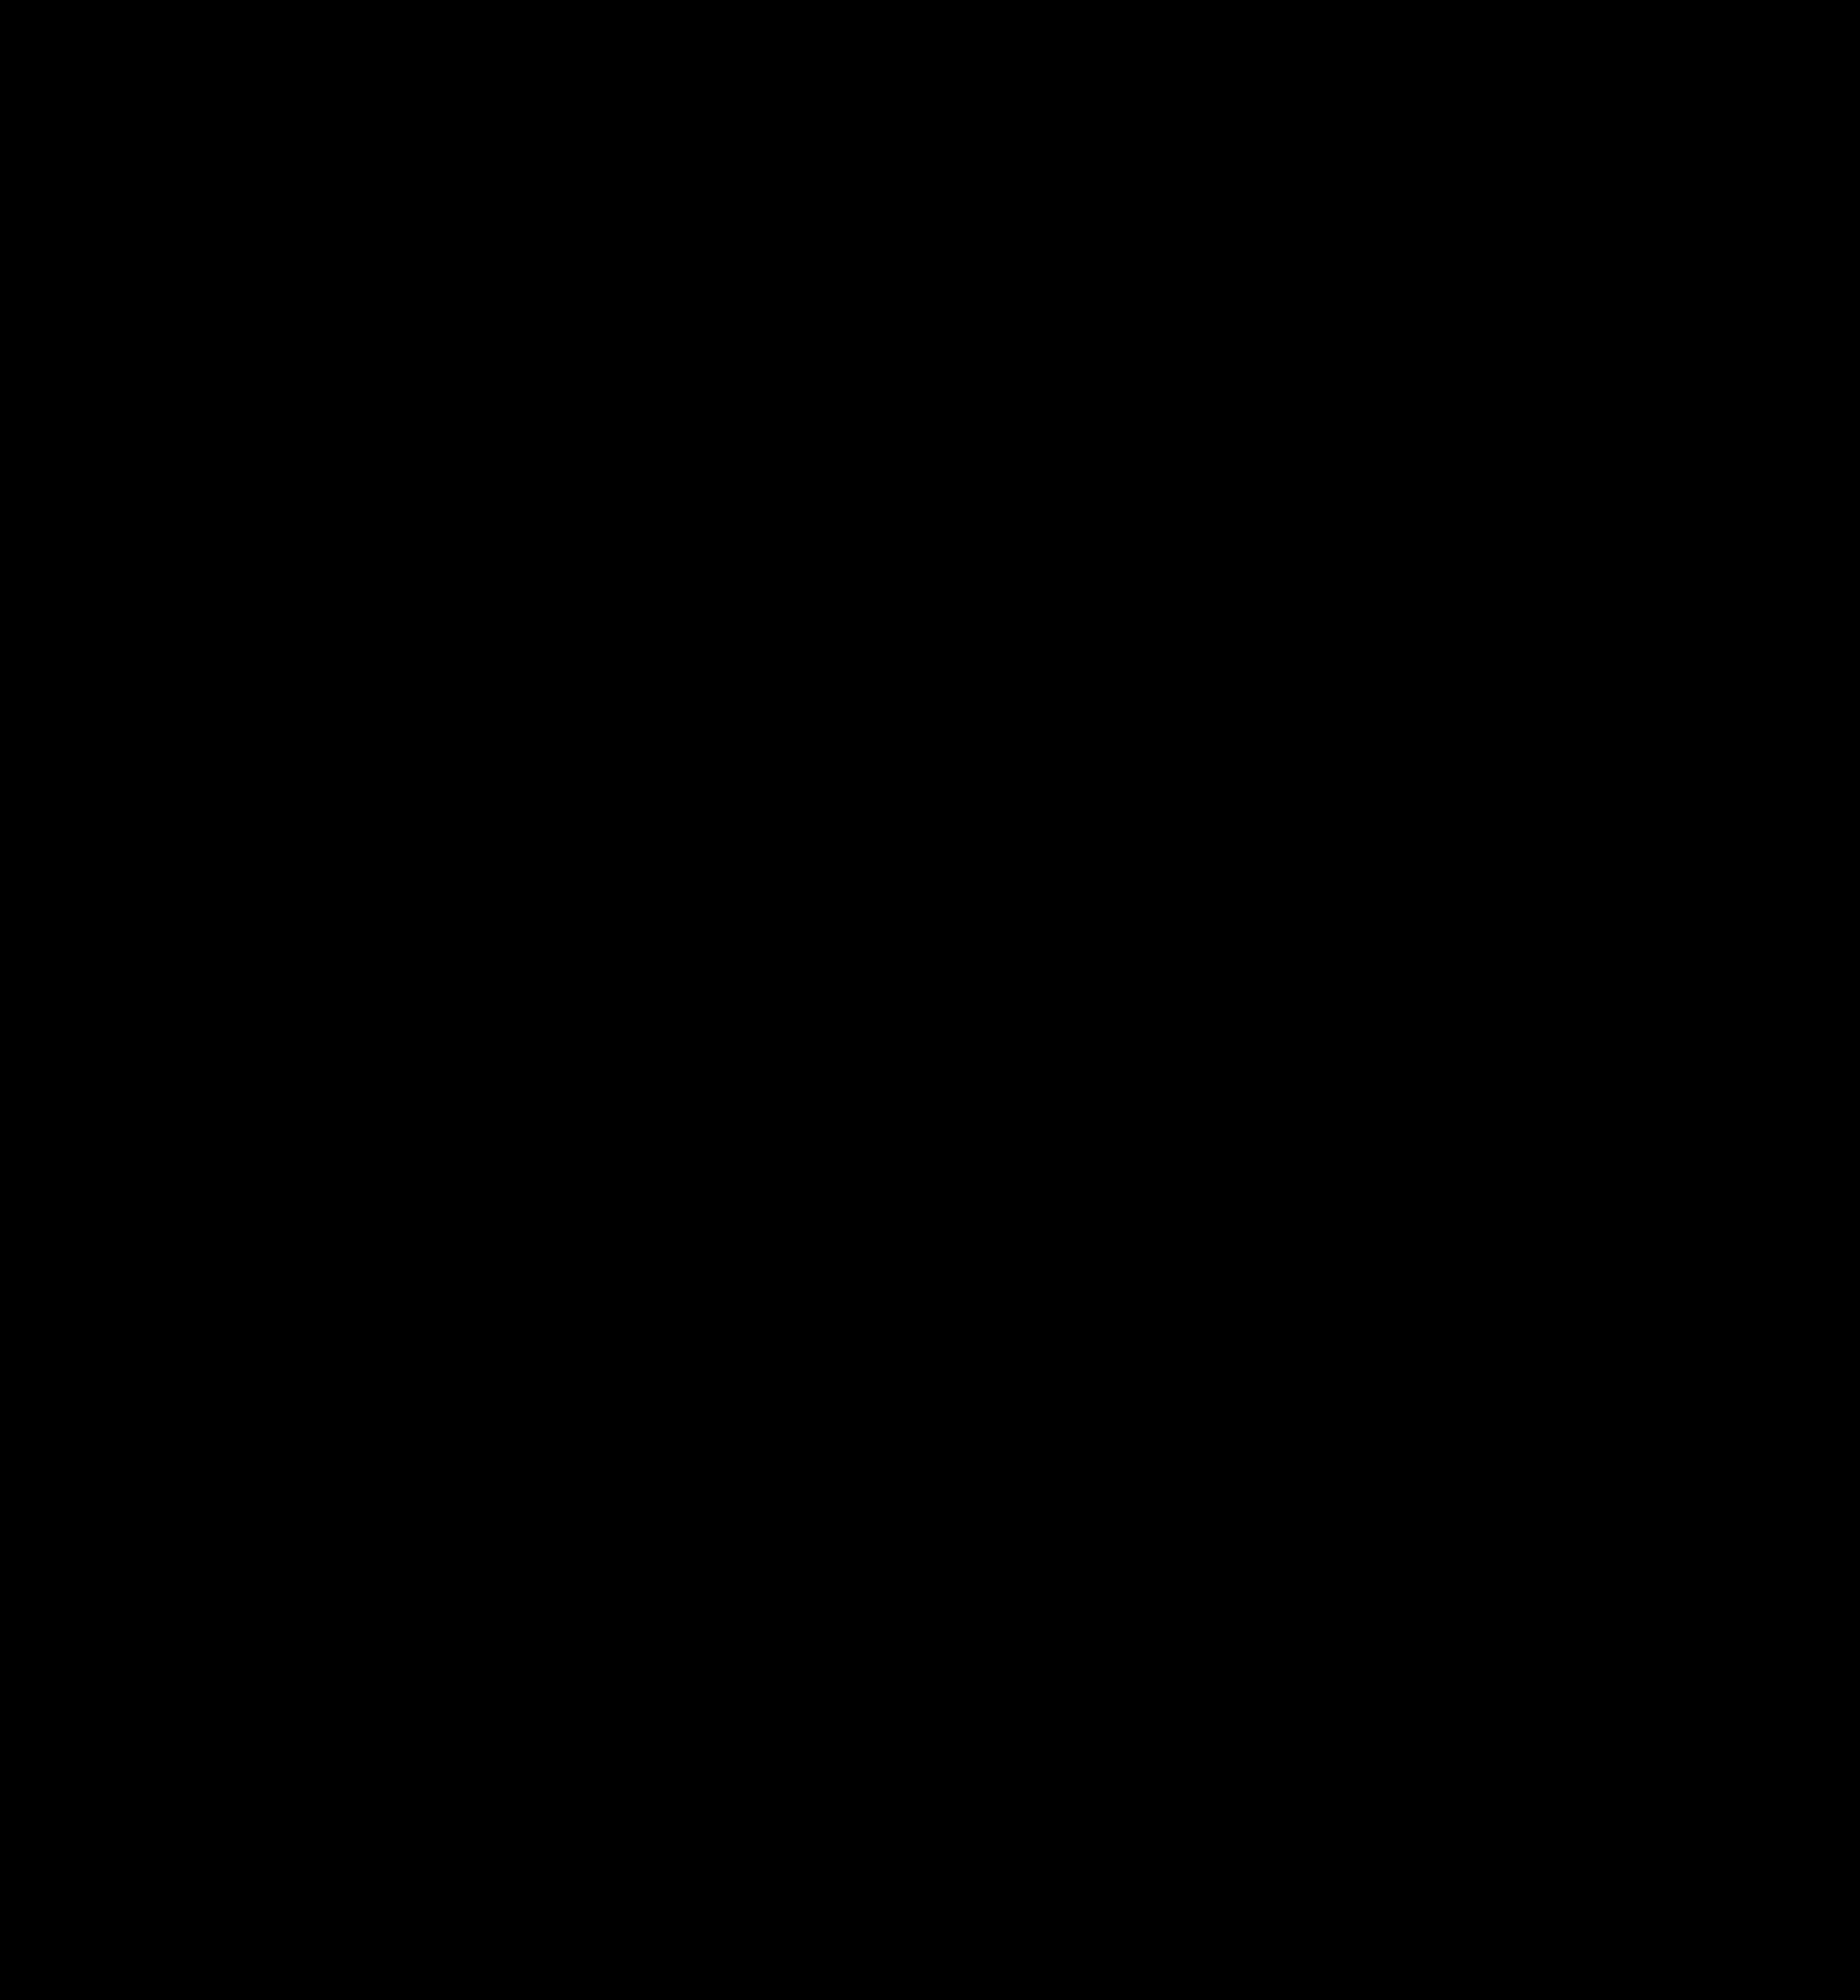 circle-png